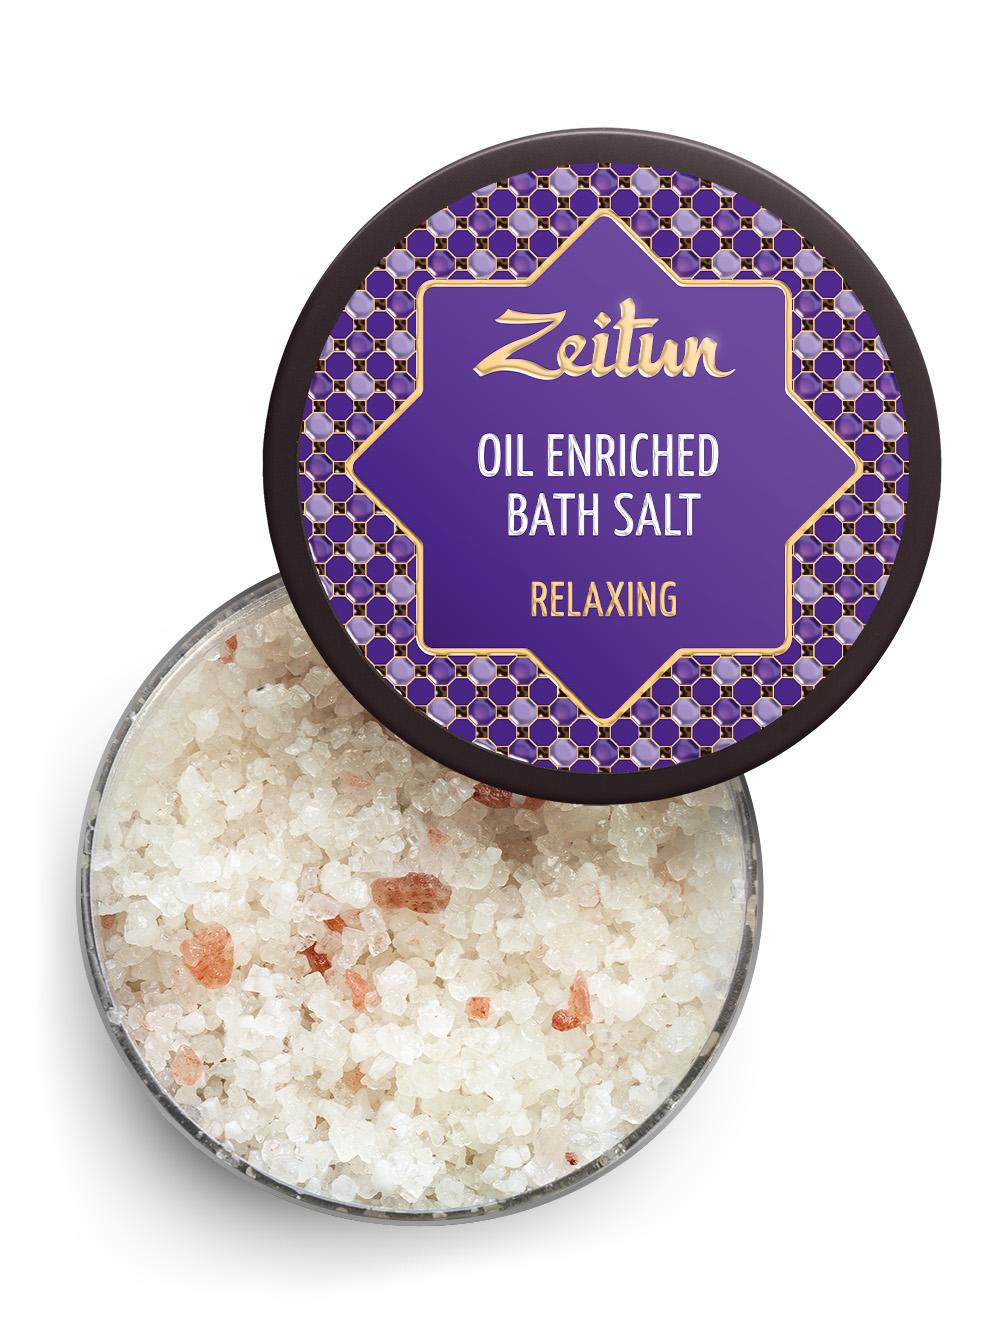 Зейтун Аромасоль для ванны антистресс, 250 млZ2102Оставьте все заботы и тревоги за порогом своего дома и погрузитесь в желанное блаженство – ароматную,успокаивающую ванну, полную природной пользы! Антистрессовая ароматическая соль для ванн Zeitun содержит эфирные масла лаванды, можжевельника иэвкалипта, знаменитые своим антистрессовым действием: они бережно успокаивают нервную систему,расслабляют все ваше тело и ум, а также мягко ухаживают за кожей, обновляют ее и обеспечивают глубокоеувлажнение. Основа из солей Мертвого моря и Индийского океана обеспечивает коже самое богатое микроэлементноепитание и оздоровление, а гидрофильные масла оливы и миндаля глубоко увлажняют, полностью впитываясь ине оставляя масляных разводов на воде. В составе соли Мертвого моря и Индийского океана с антистрессовым эффектом – расслабляющие,успокаивающие нервную систему эфирные масла в сочетании с глубоко увлажняющими растительнымимаслами:Эфирные масла лаванды, можжевельника и эвкалипта образуют идеальную композицию-антистресс быстрогодействия, которая моментально снимает напряжение, расслабляет тело и ум, а также дополнительнооздоравливает кожу, укрепляет ее защитные силы и оказывает мощное иммуномодулирующее действие.Соль Мертвого моря – самая настоящая кладезь для здоровья, у которой нет ни единого аналога в мире.Богатая микроэлементами соль поистине волшебно воздействует на общее состояние организма, борется скожными заболеваниями, снимает усталость мышц и суставов.Соль Индийского океана обладает уникальным макро- и микроэлементным составом, который высоко ценится вмедицине и косметологии. Соль способствует активному насыщению клеток практически всем спектромнеобходимых веществ, программирует кожу на правильное усвоение и распределение энергии, препятствуянакапливанию жировых отложений.Гидрофильные масла (оливковое, миндальное) проходят высокоэкологичную обработку, благодаря которой онирастворяются в воде, насыщая ее витаминами и микроэлементами, при этом не оставляя разводов и жирны